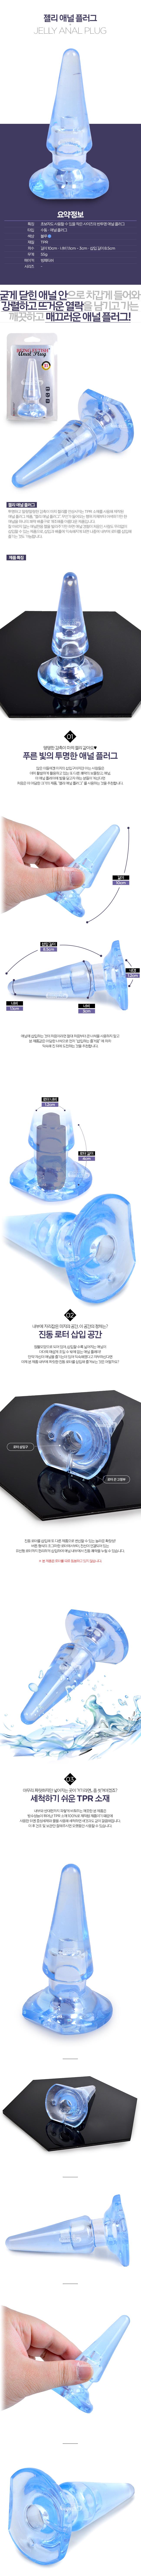 [애널 삽입] 젤리 애널 플러그(Jelly Anal Plug)